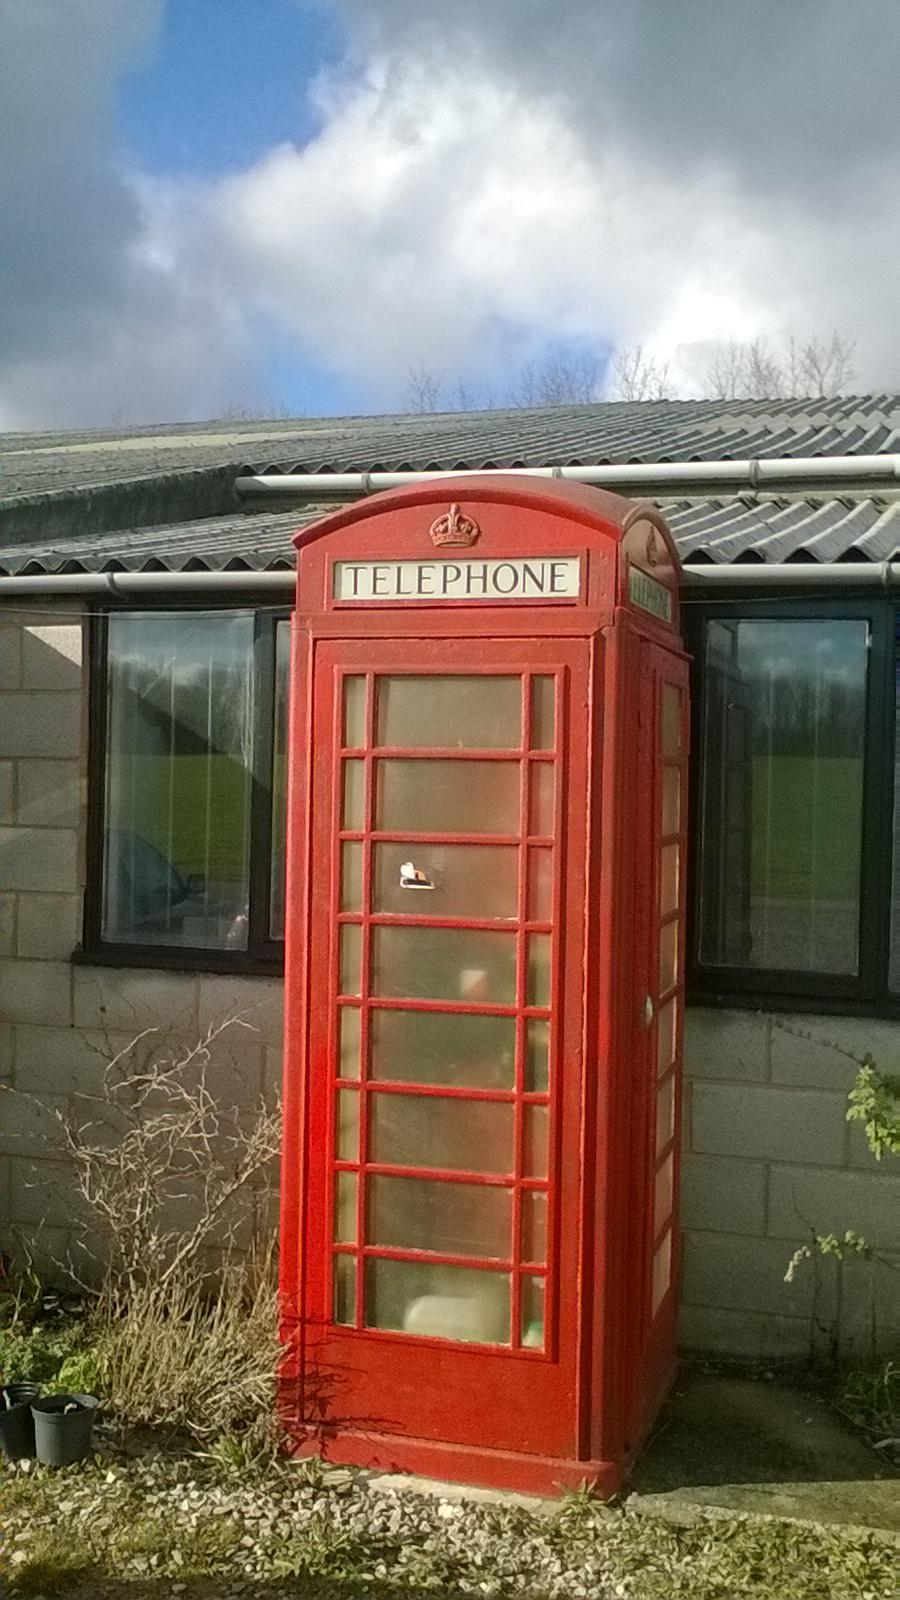 かわいい公衆電話